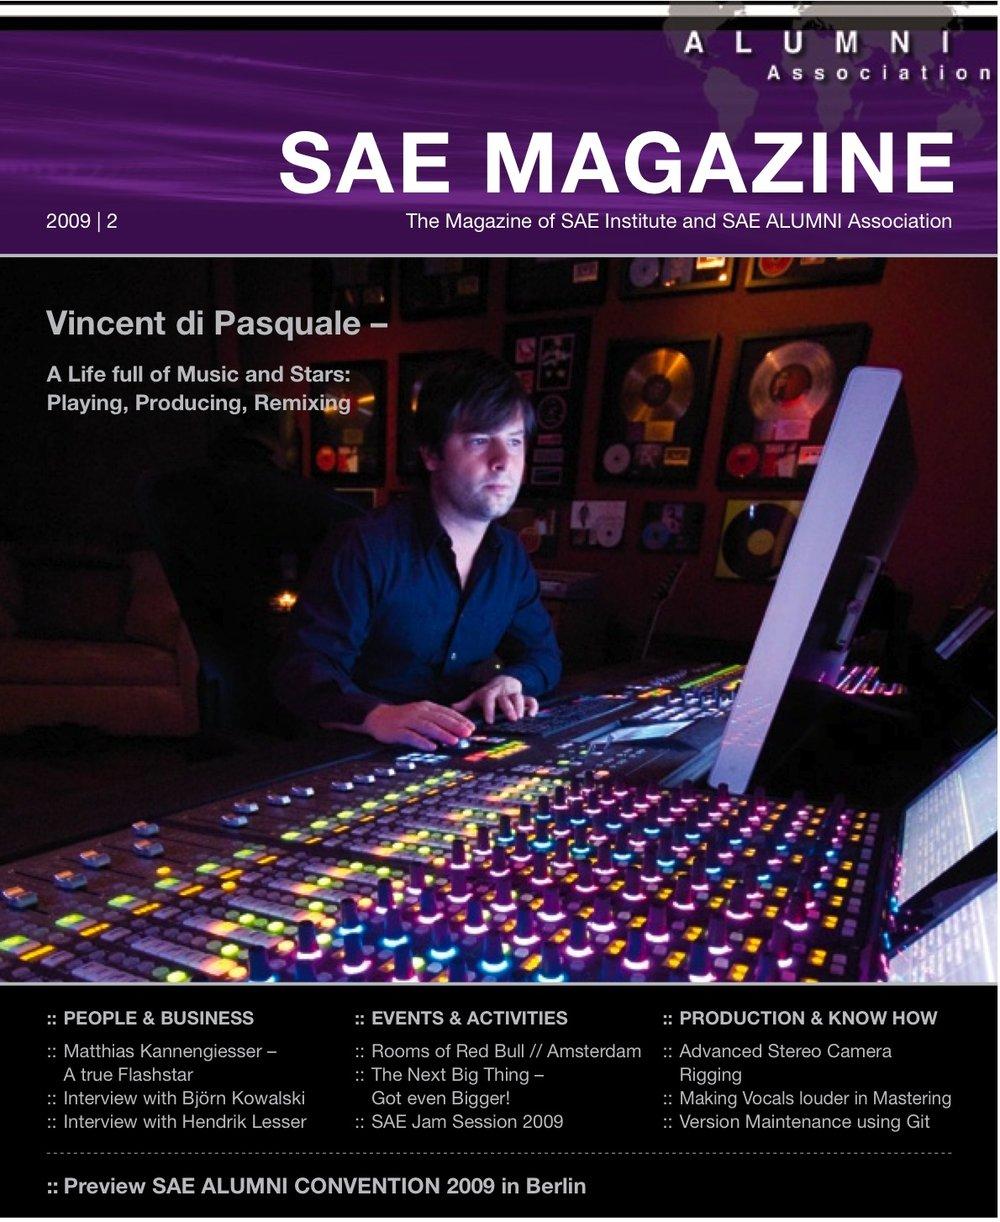 2009_10_08 - SAEmag Cover.jpg